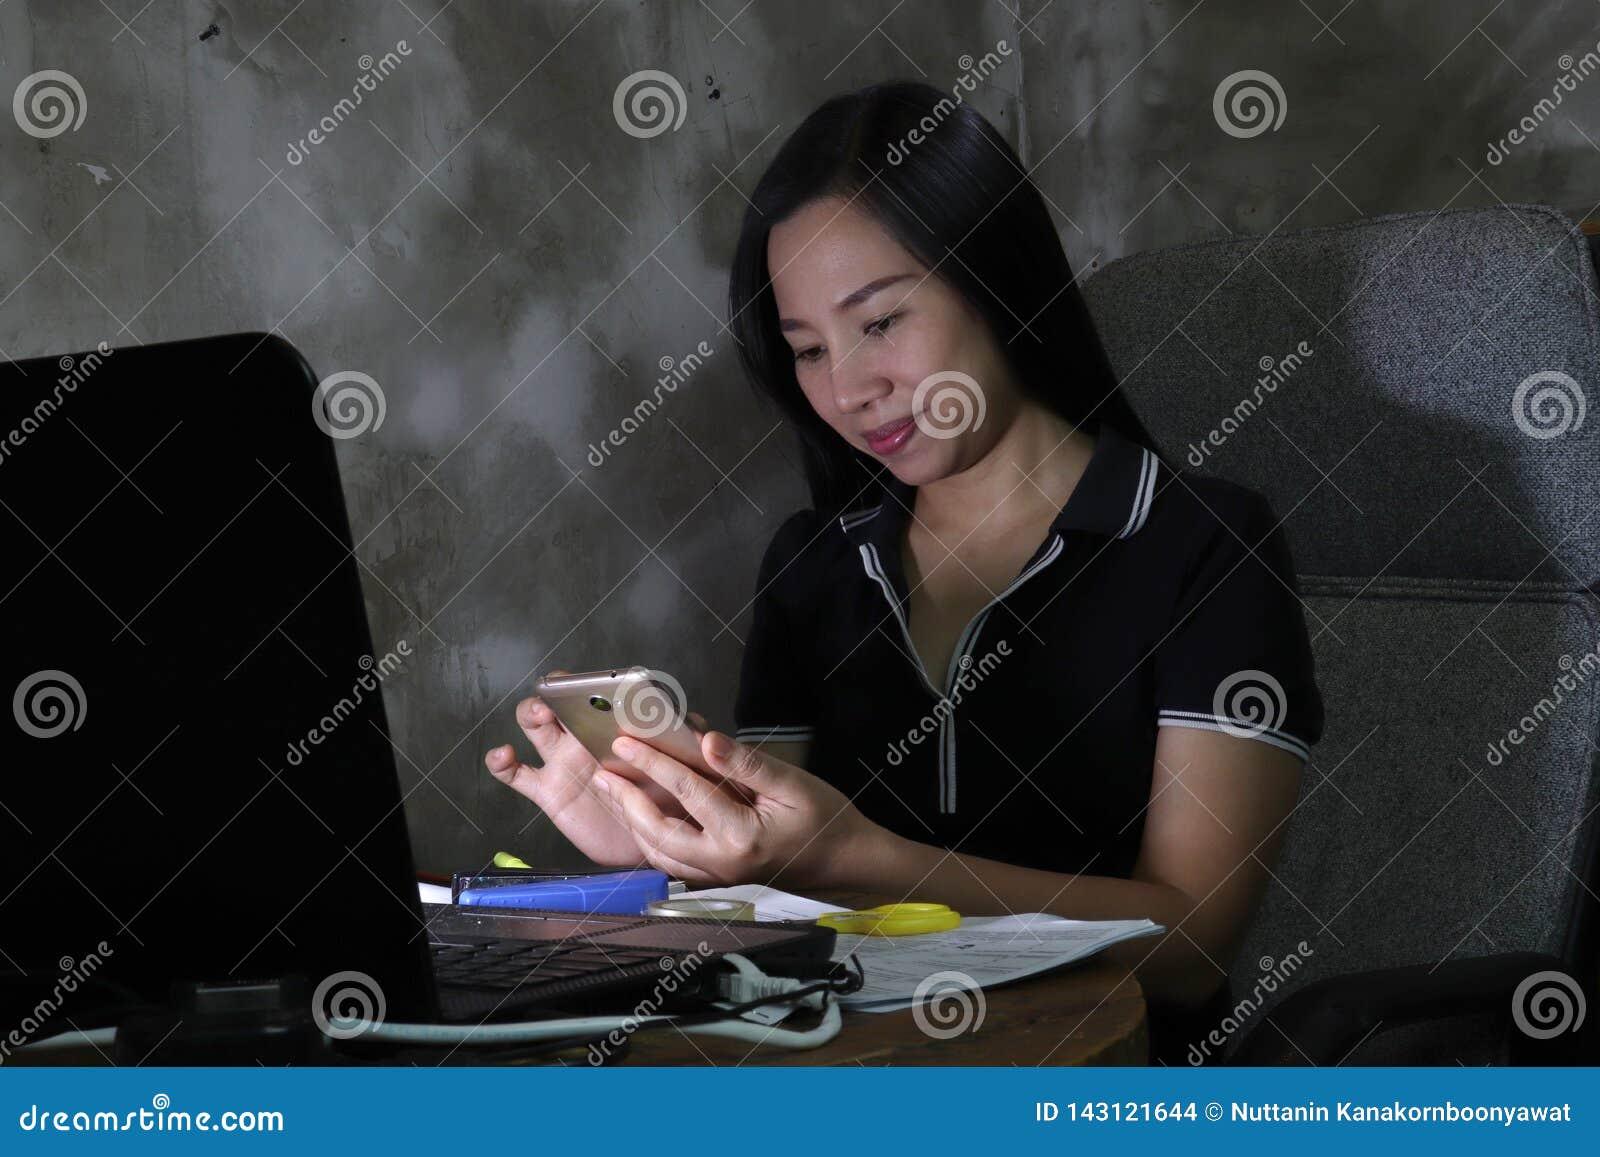 Ασιατική γυναίκα που εργάζεται από το σπίτι αργά στη νύχτα - εργαστείτε στη φτωχή έννοια φωτισμού το σκοτεινό φως έχει κάποιους σ